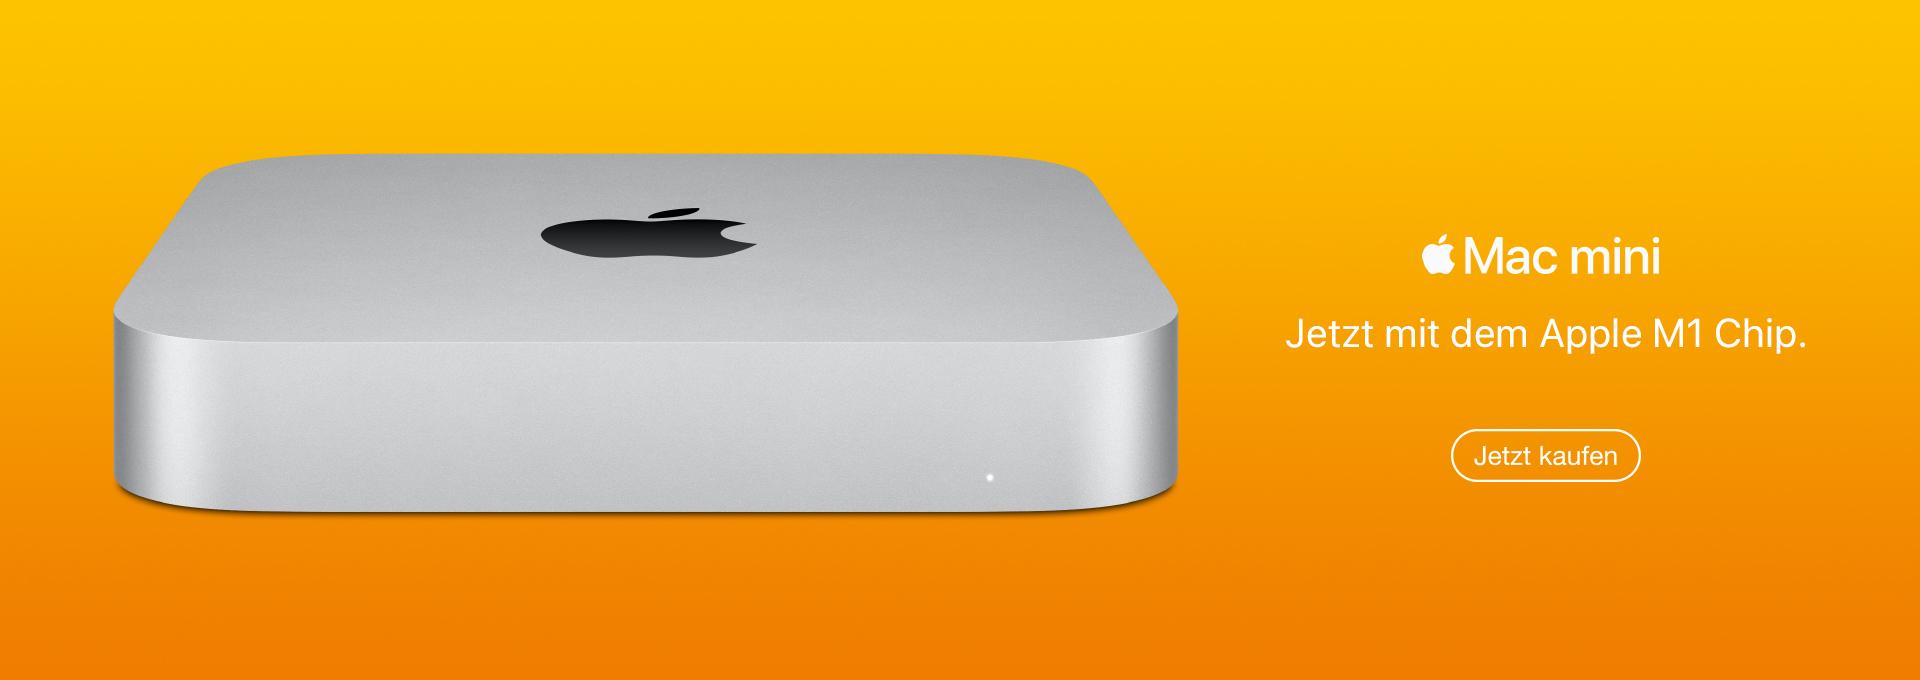 Mac mini mit Apple M1 Chip